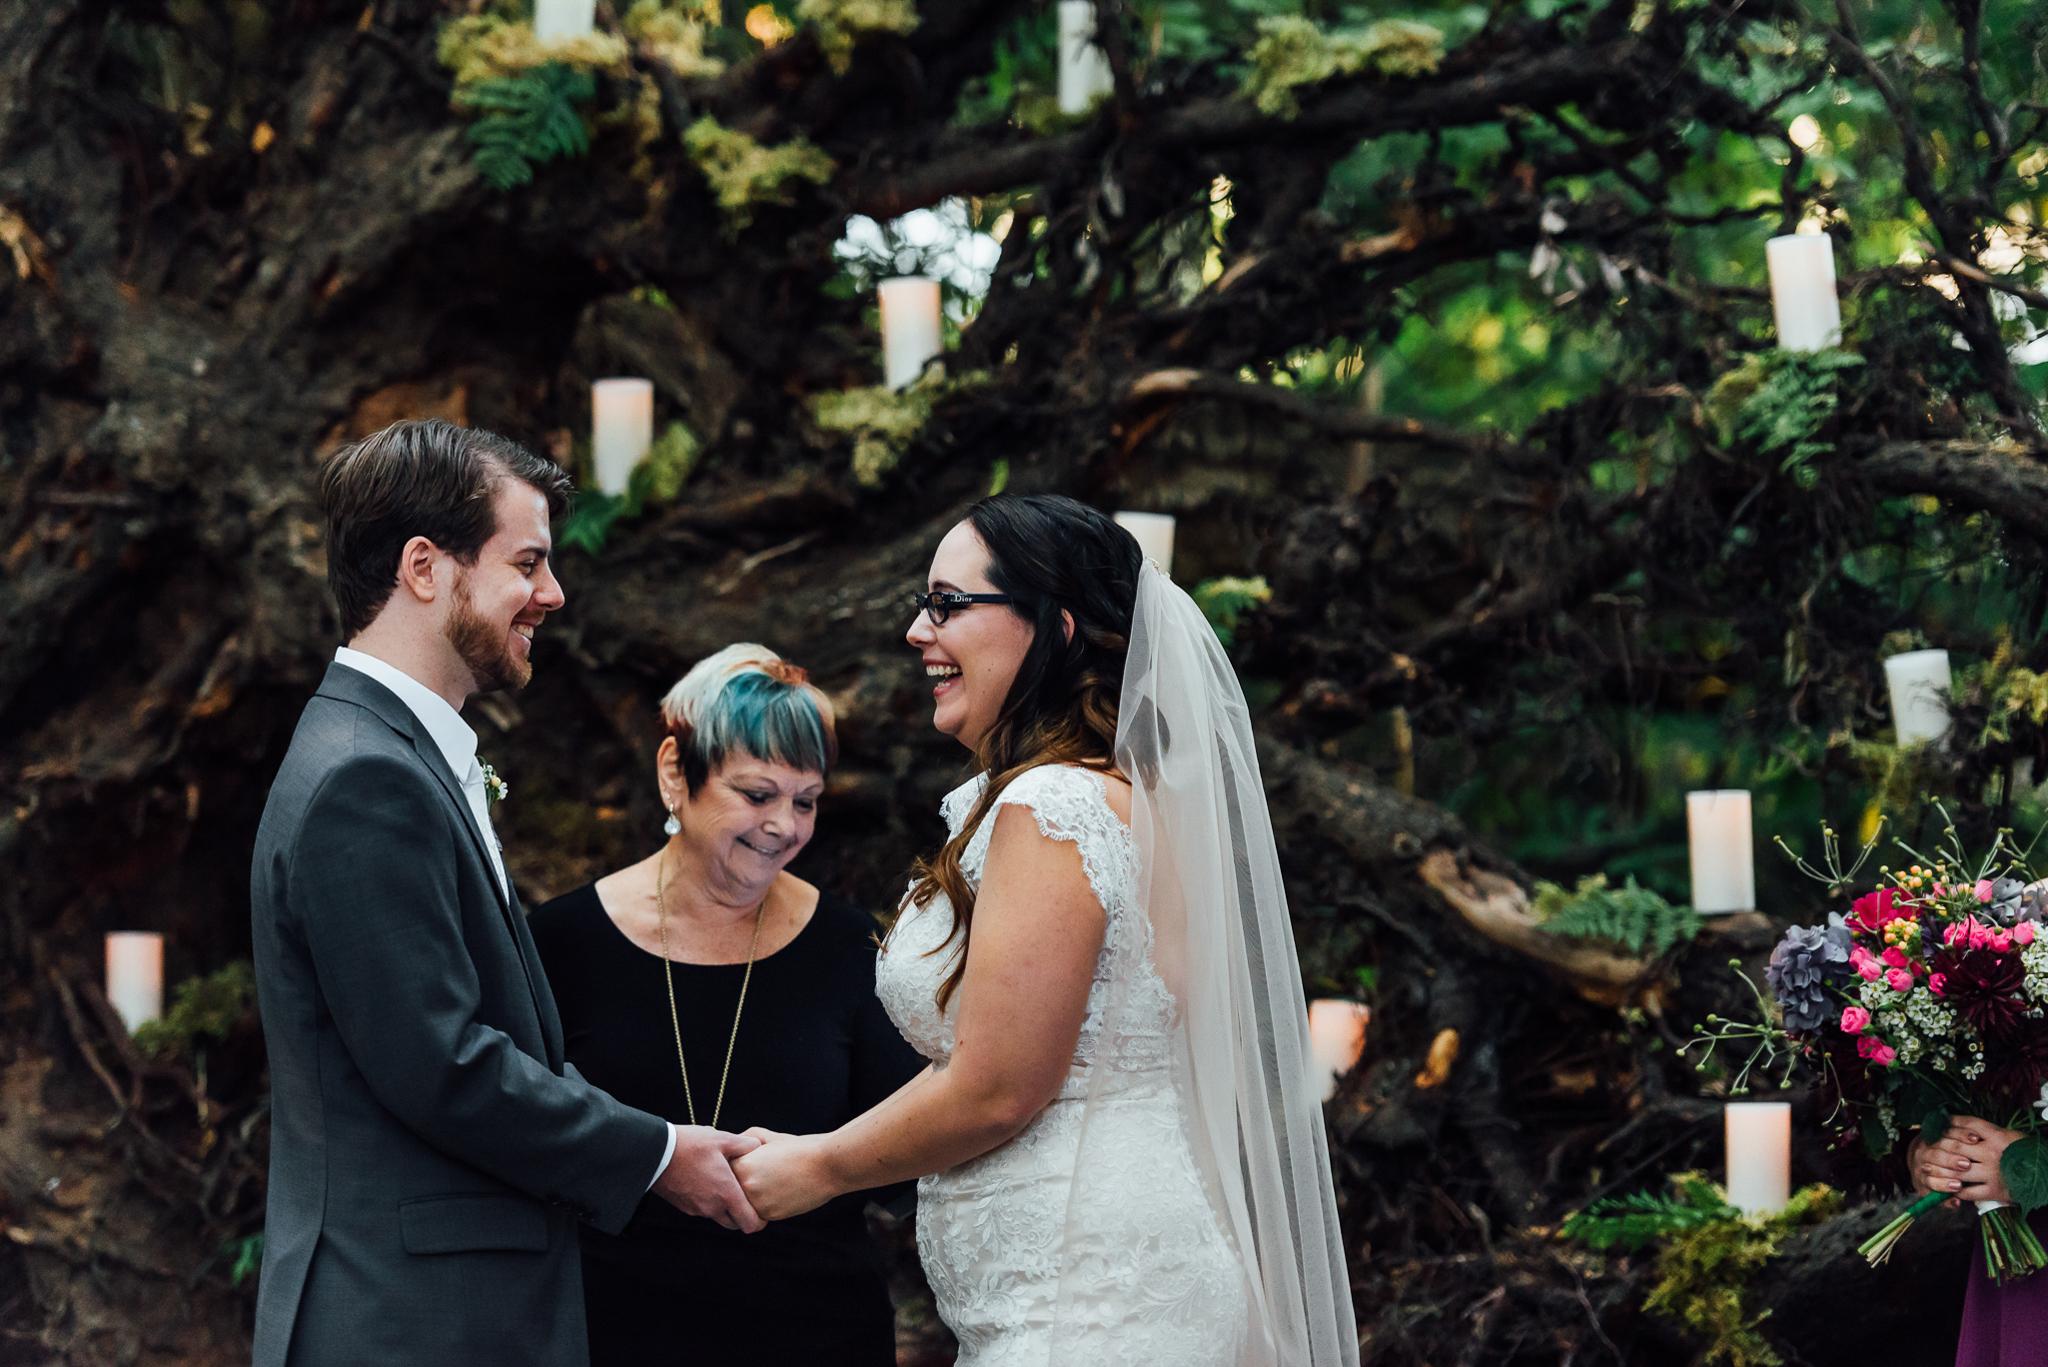 Nicola_Reiersen_Photography_Sea_Cider_Forest_Wedding (78).jpg